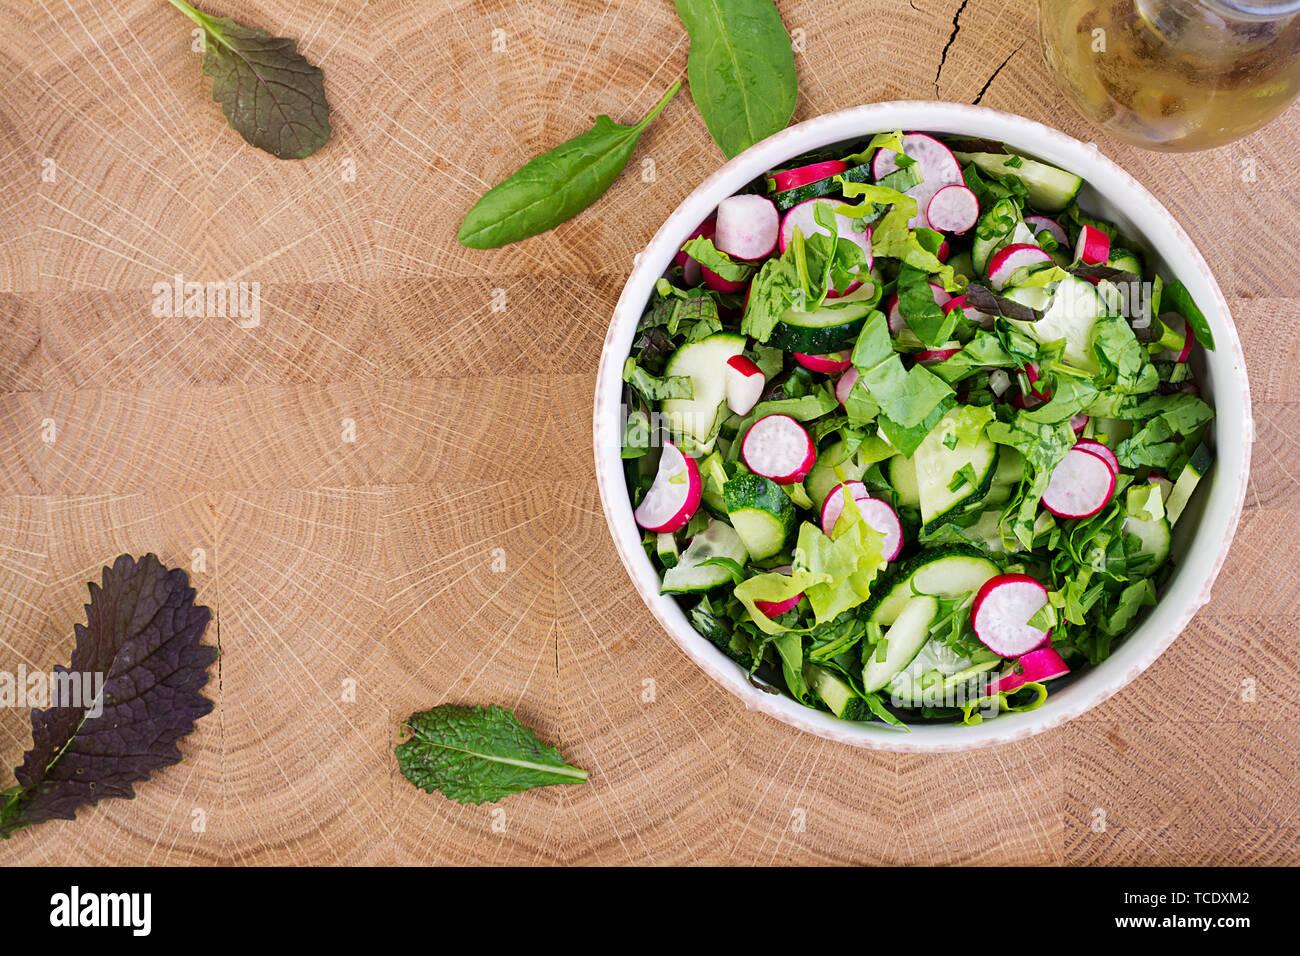 Frischer Salat aus Gurken, Radieschen und Kräutern. Flach. Ansicht von oben Stockfoto